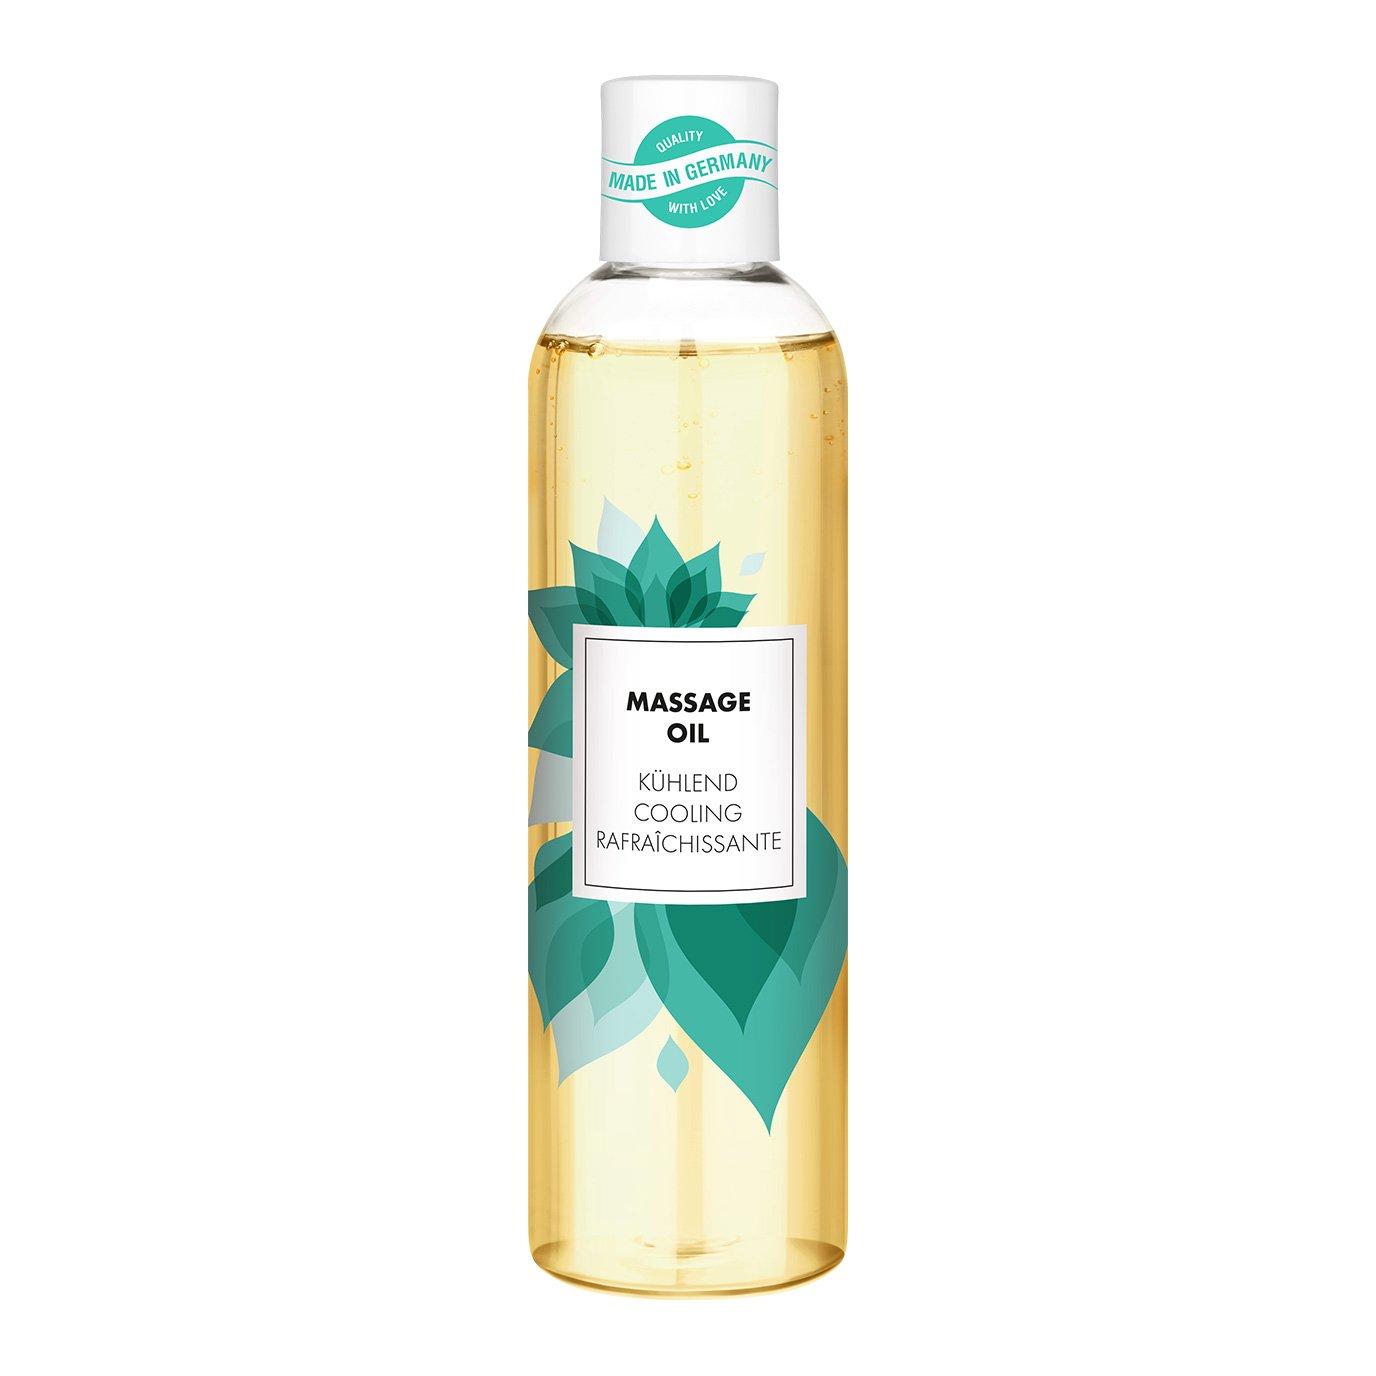 Aceite de masaje con aroma para masajes relajantes | aceite de masaje erótico | efecto calor con aroma a chocolate | 250 ml: Amazon.es: Salud y cuidado ...